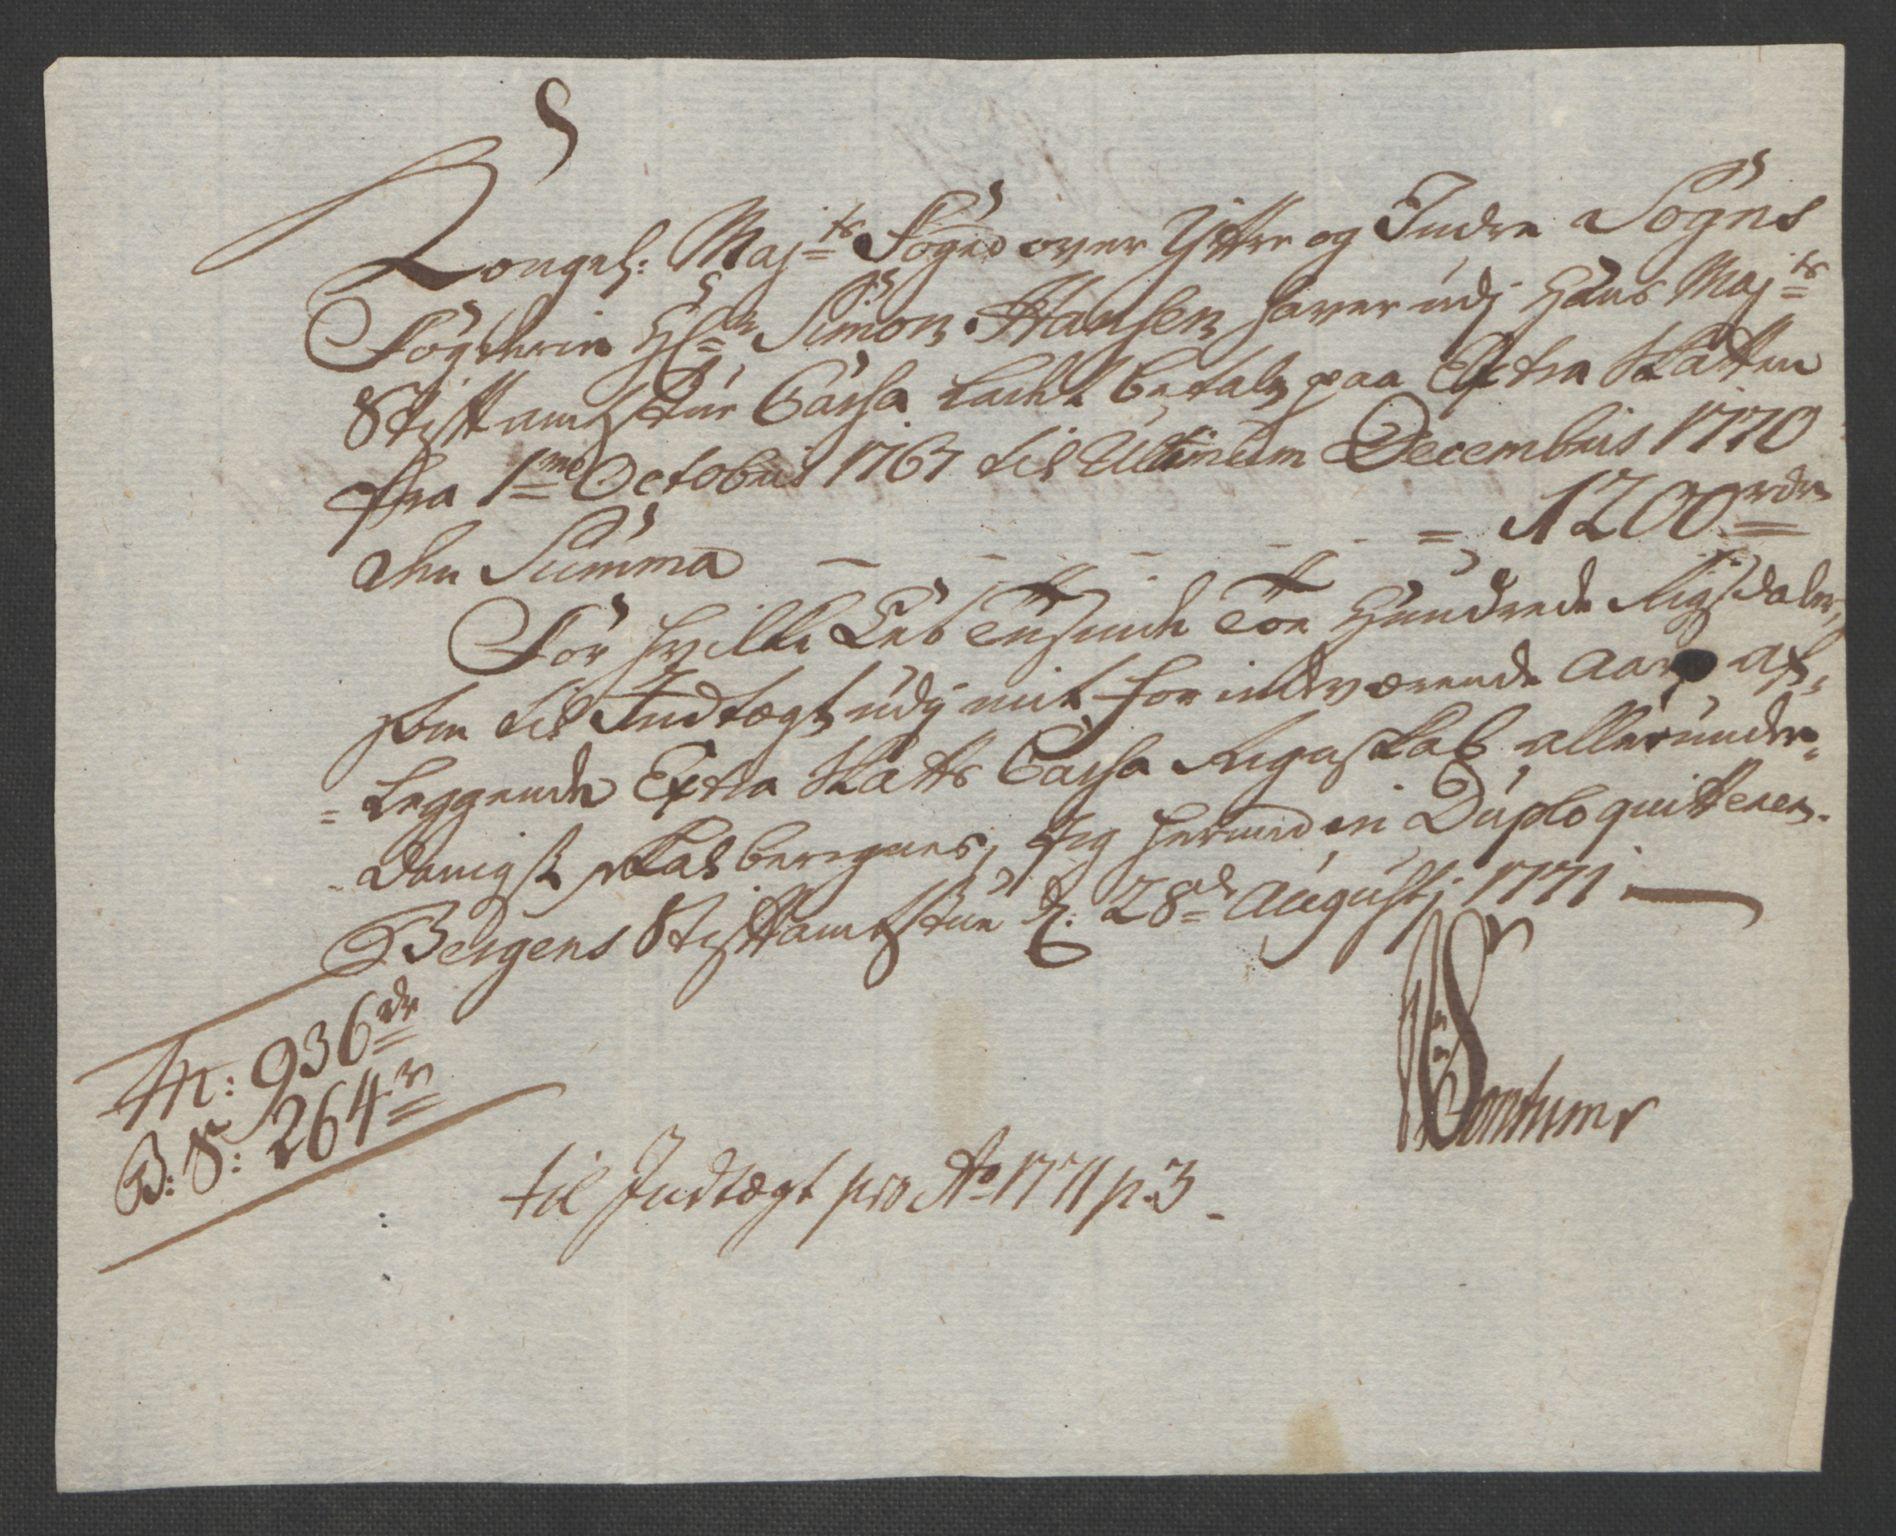 RA, Rentekammeret inntil 1814, Realistisk ordnet avdeling, Ol/L0018: [Gg 10]: Ekstraskatten, 23.09.1762. Sogn, 1762-1772, s. 354